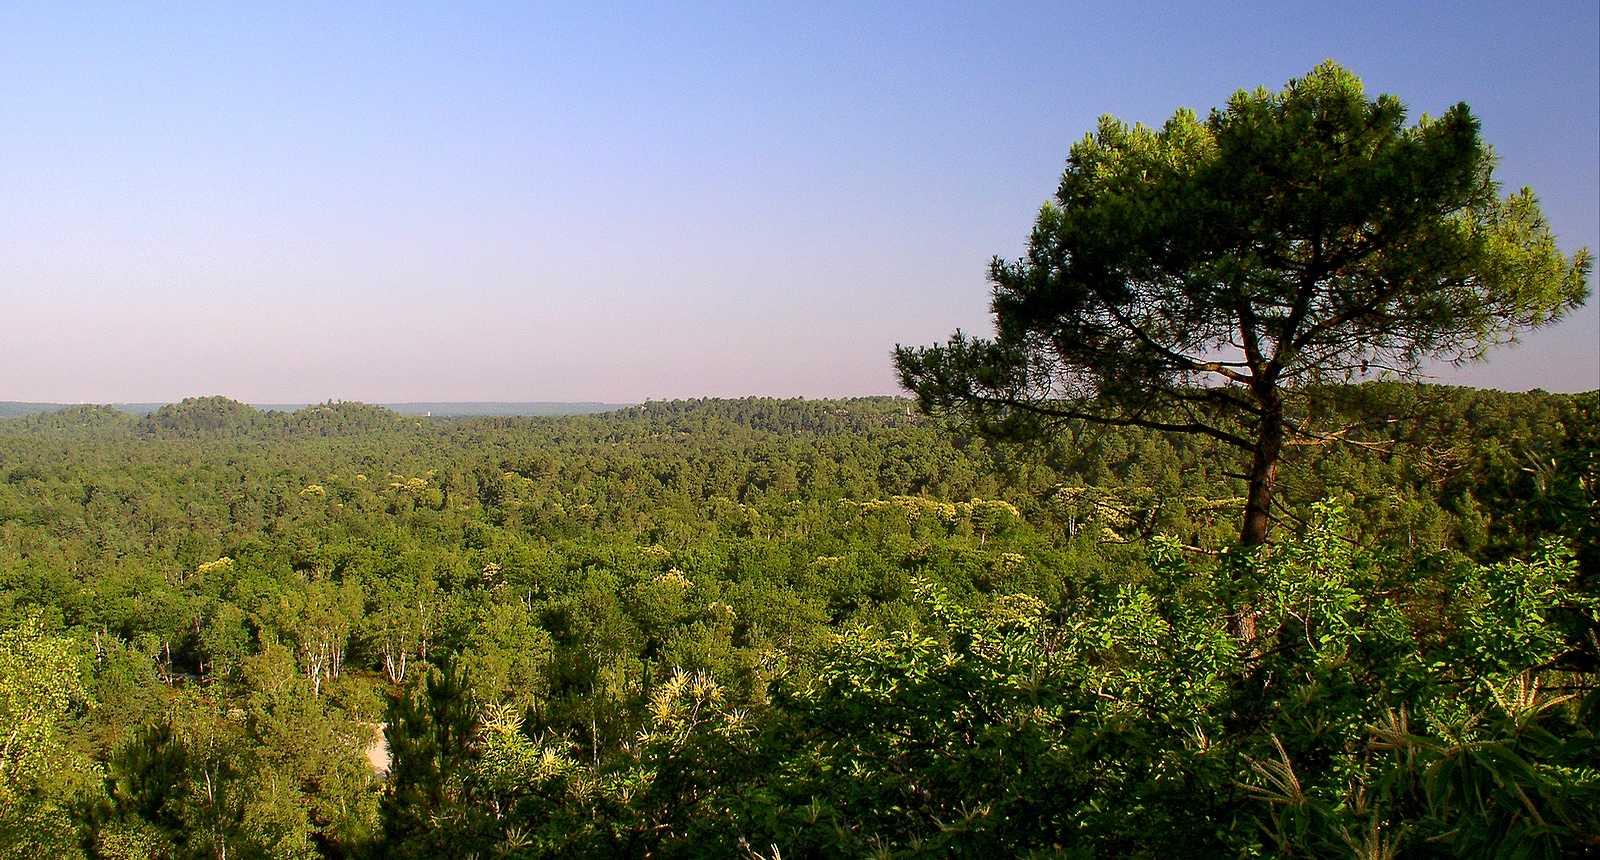 Le Massif des Trois Pignons dans la Forêt de Fontainebleau